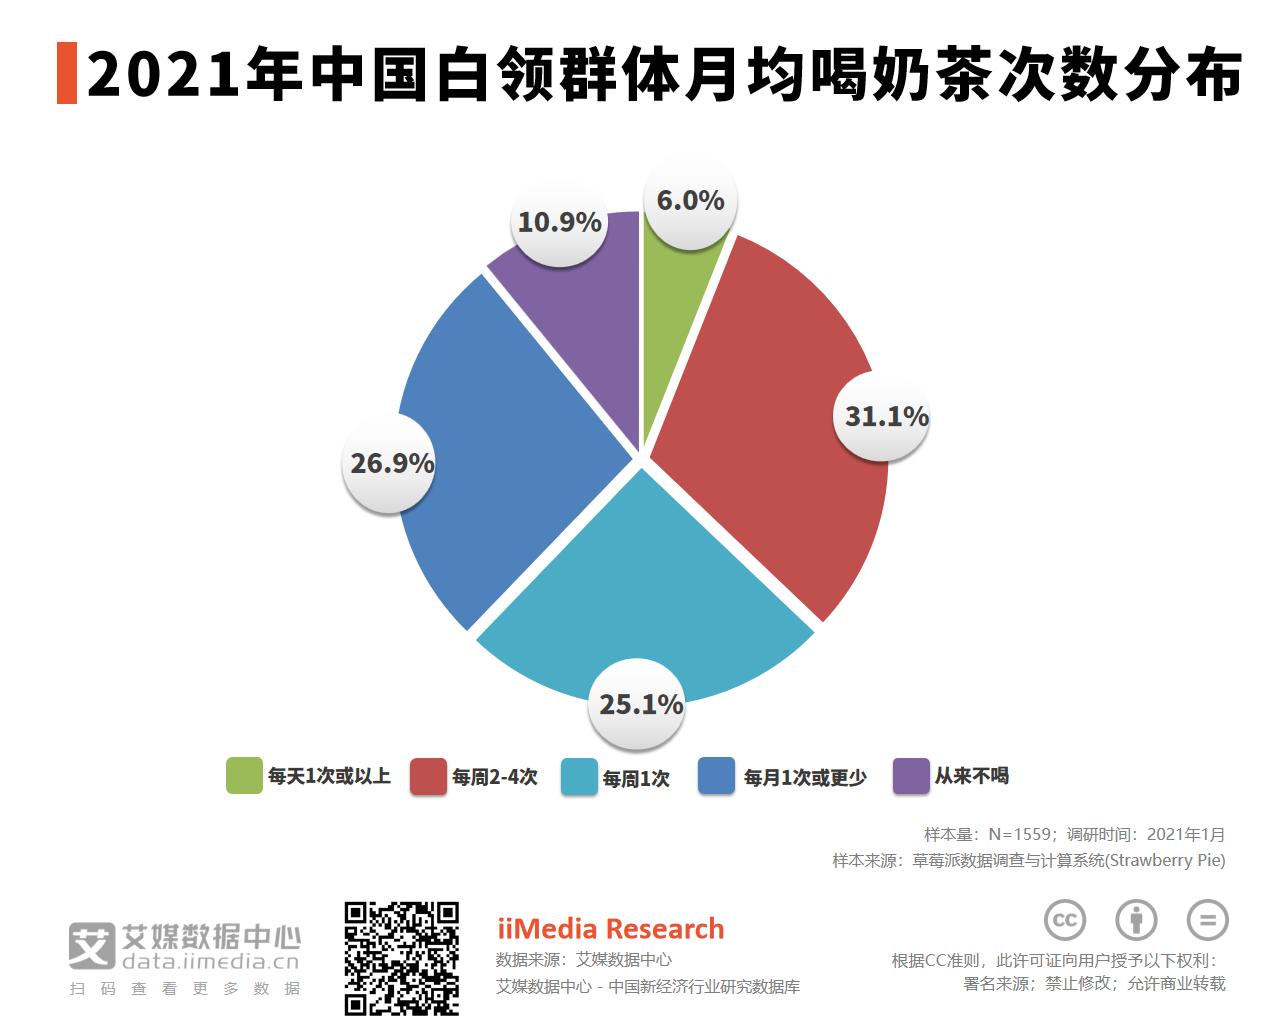 2021年中国31.1%白领群体每周喝奶茶2-4次